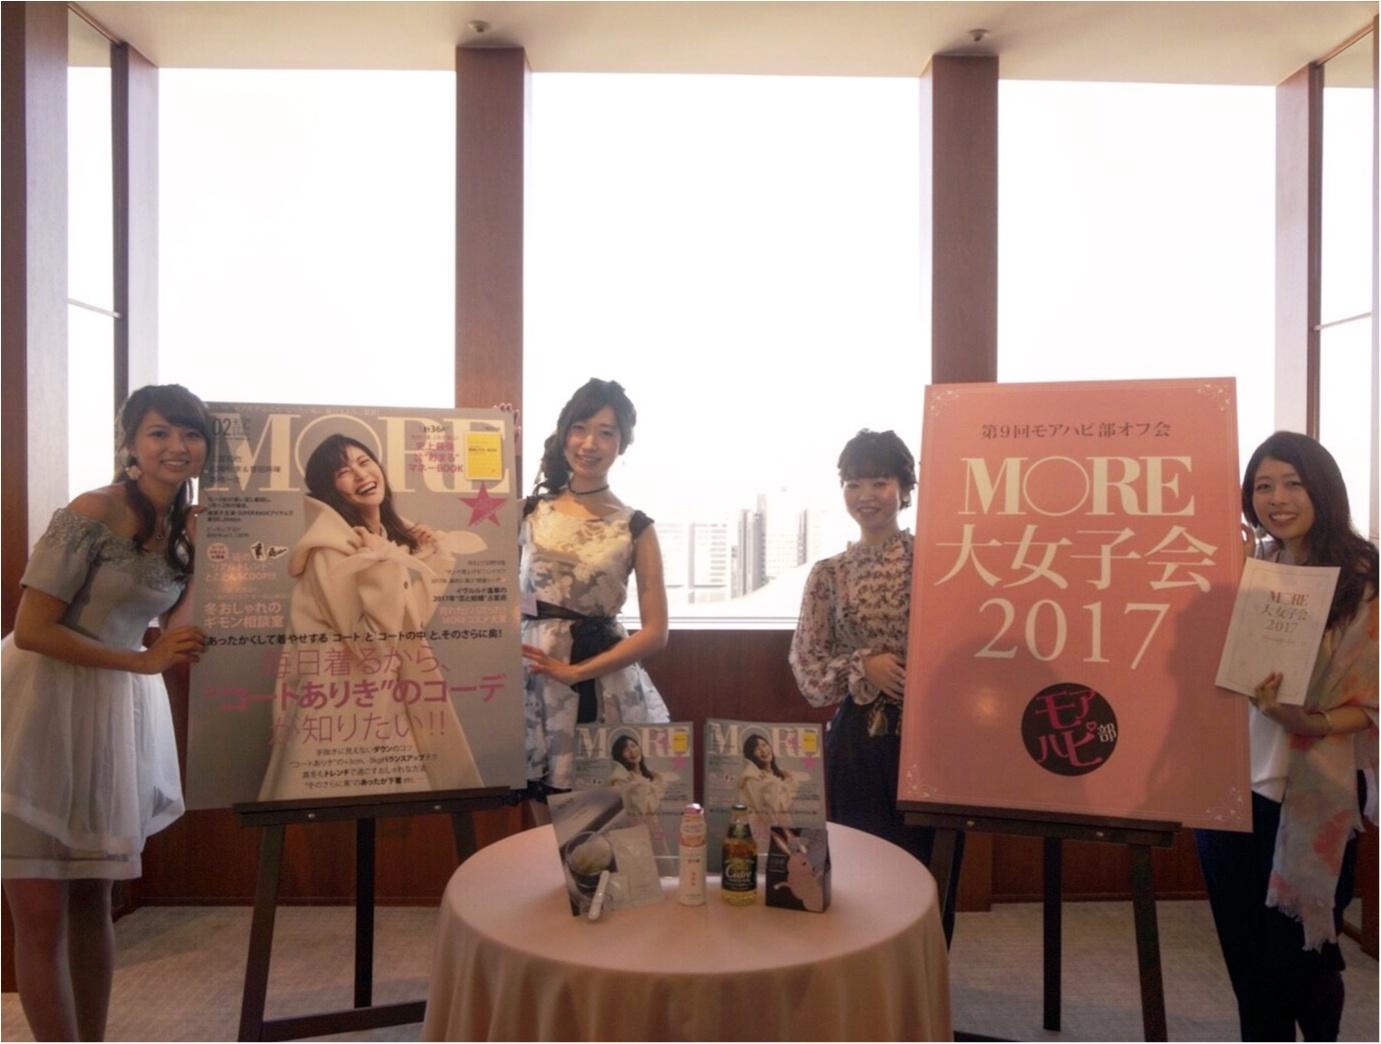 モアハピ部大集合!パークハイアット東京での大女子会をレポート✨新規部員募集開始ももうすぐ!≪samenyan≫_1